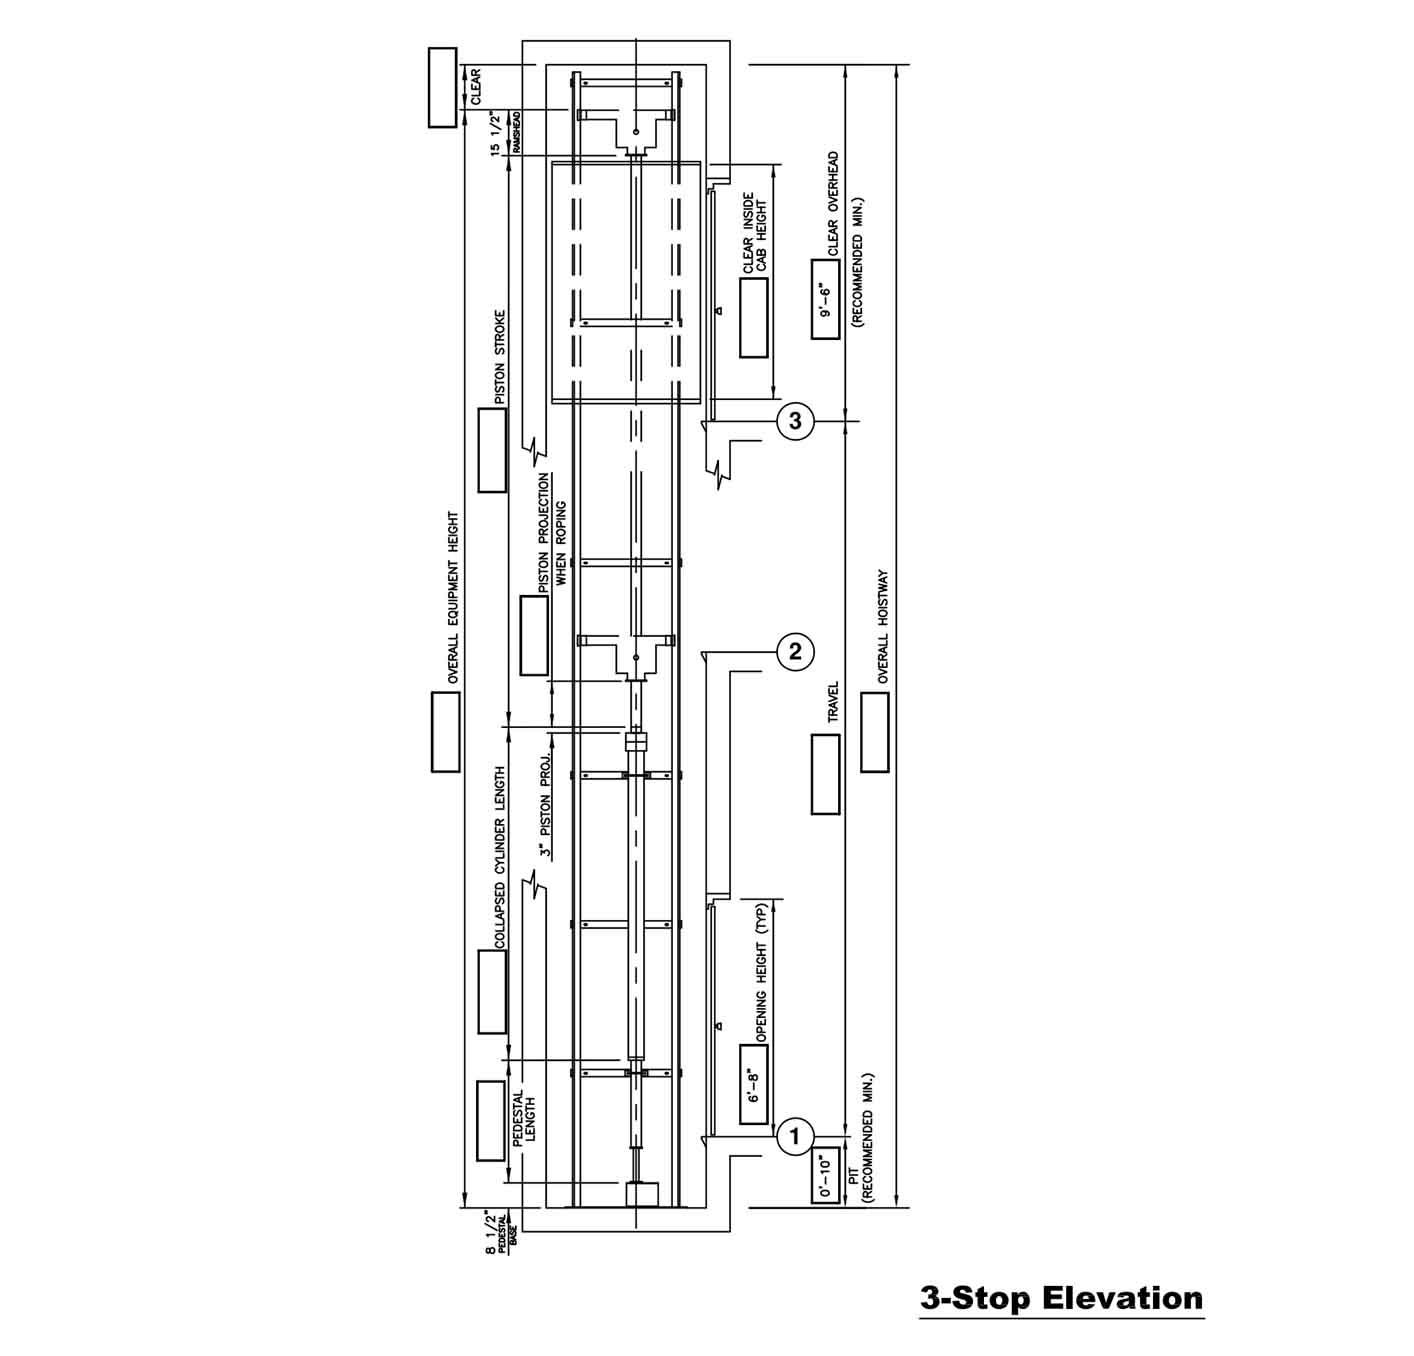 Hydraulic Drawings   Custom Elevator